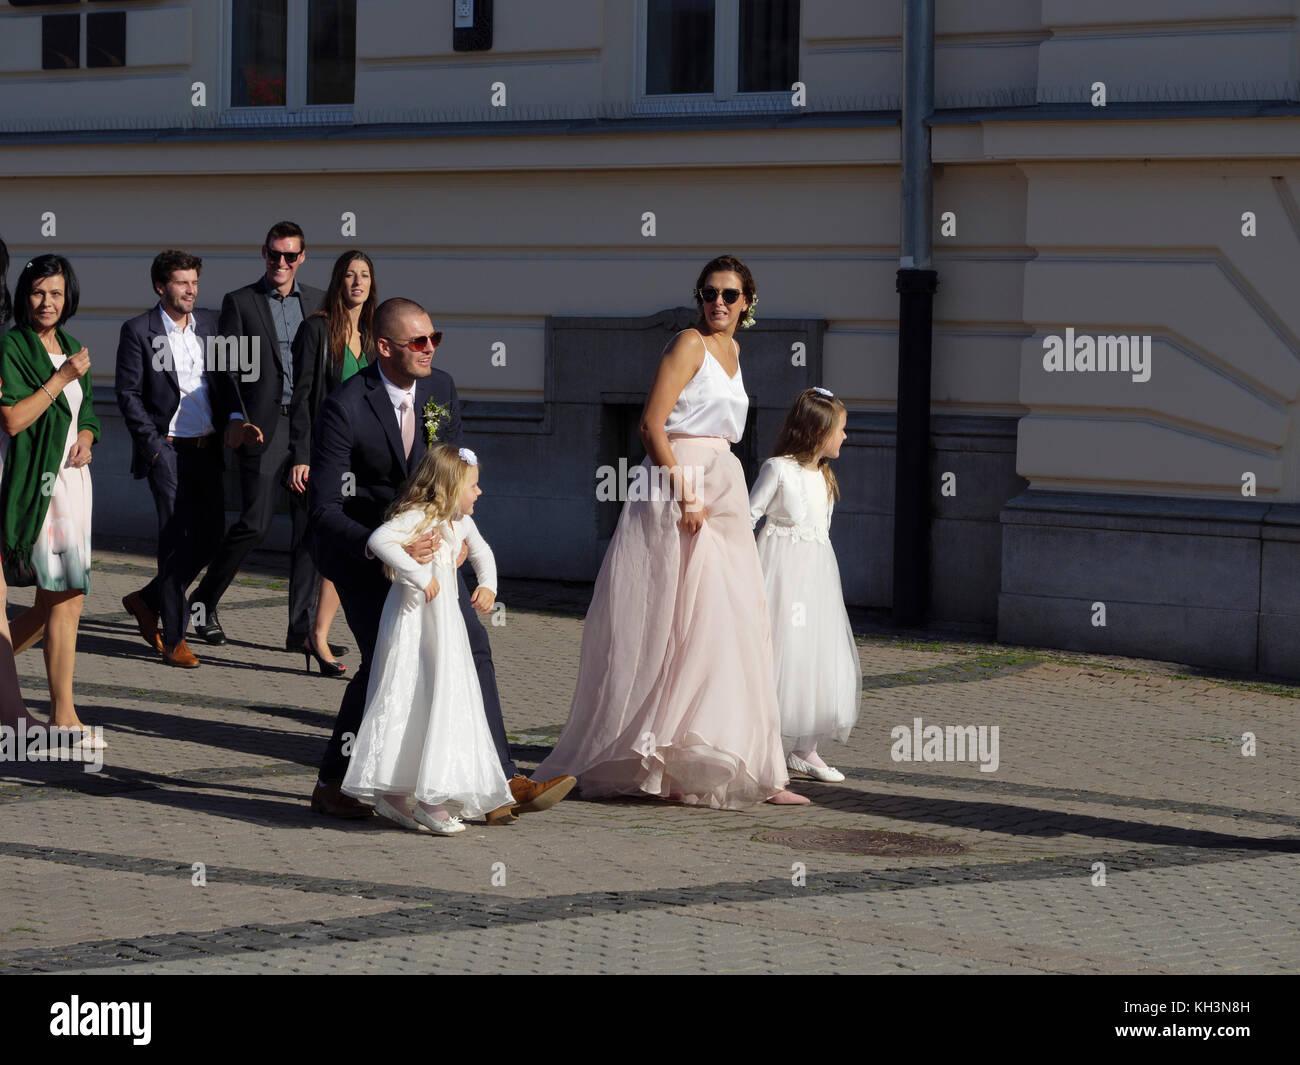 wedding at town hall at  nam. SNP in Banska Bystrica, Banskobystricky kraj, Slovakia, Europe - Stock Image